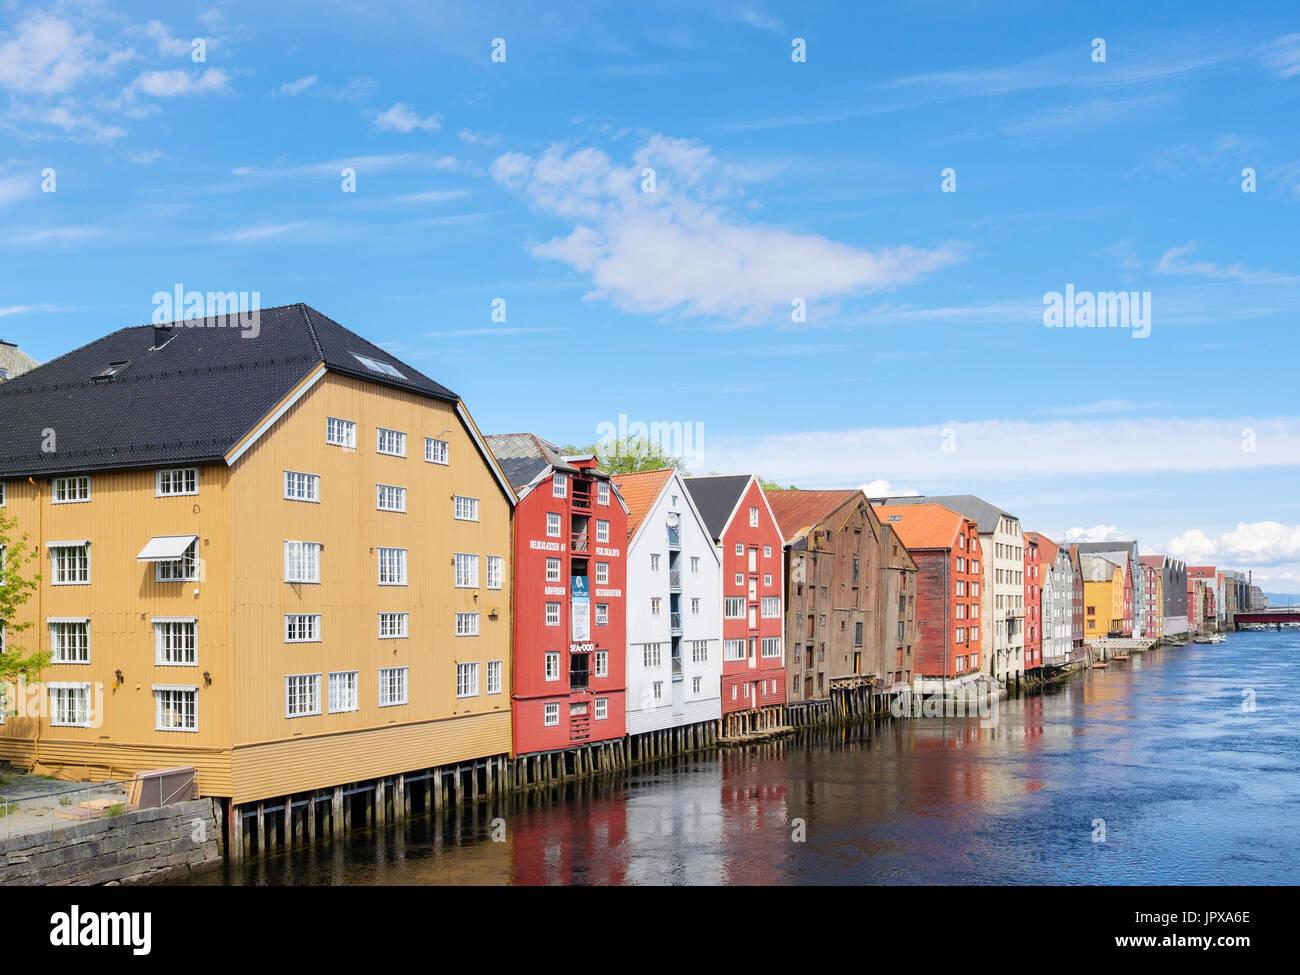 Bunte historische hölzerne Lagergebäude auf Stelzen am Fluss Nidelva Wasser in der alten Stadt im Sommer. Trondheim Norwegen Skandinavien Stockbild